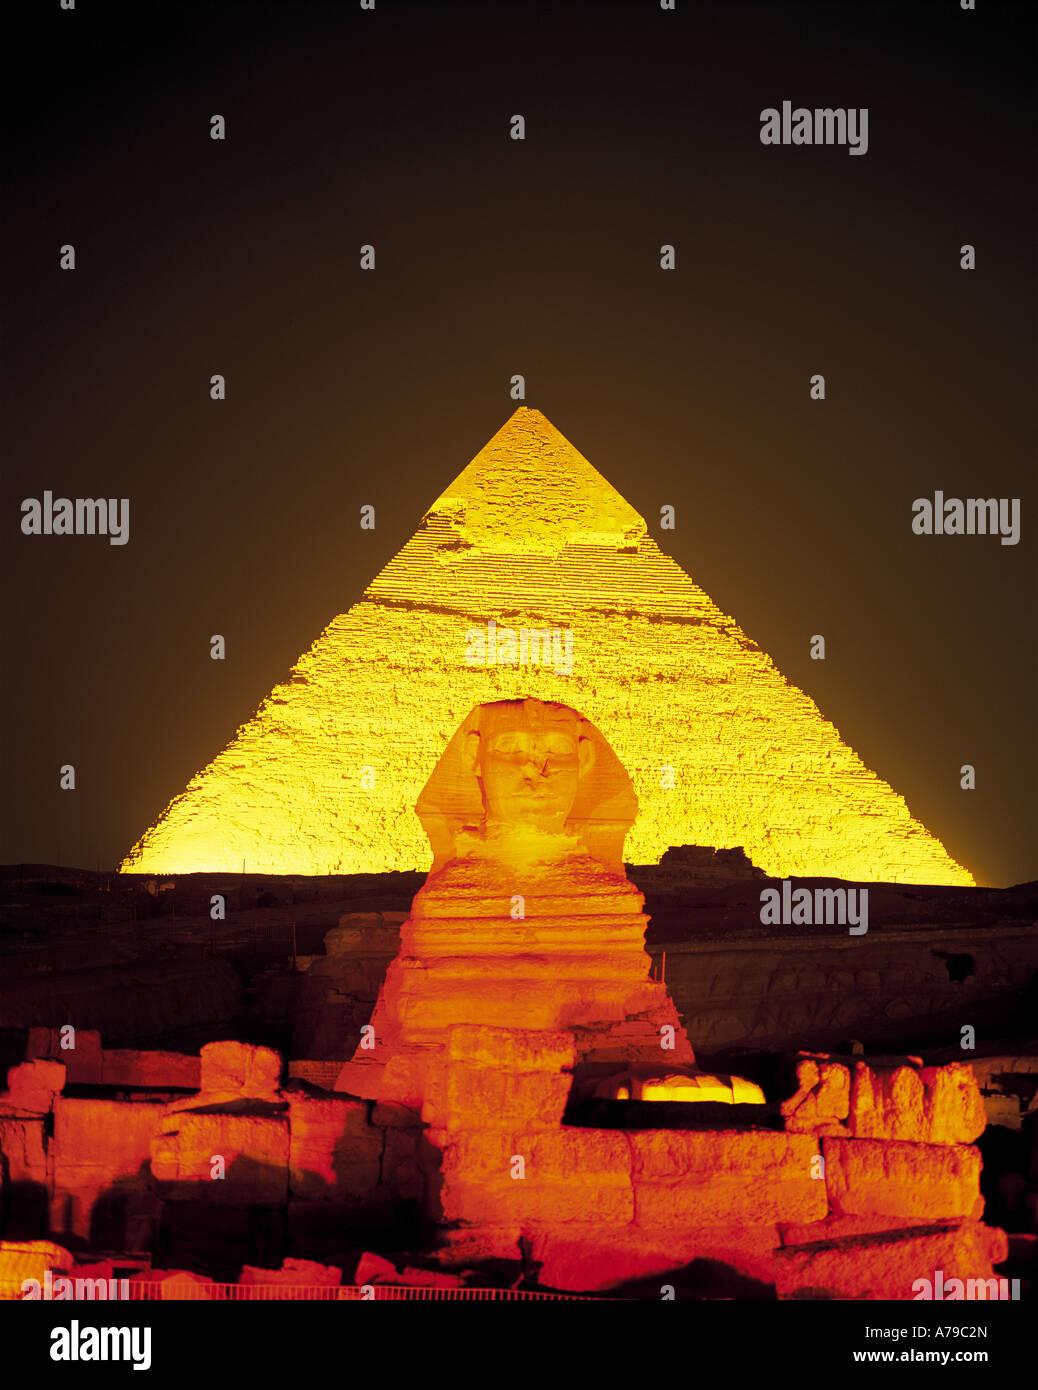 Illuminated Sphinx and Pyramid at Giza Egypt - Stock Image